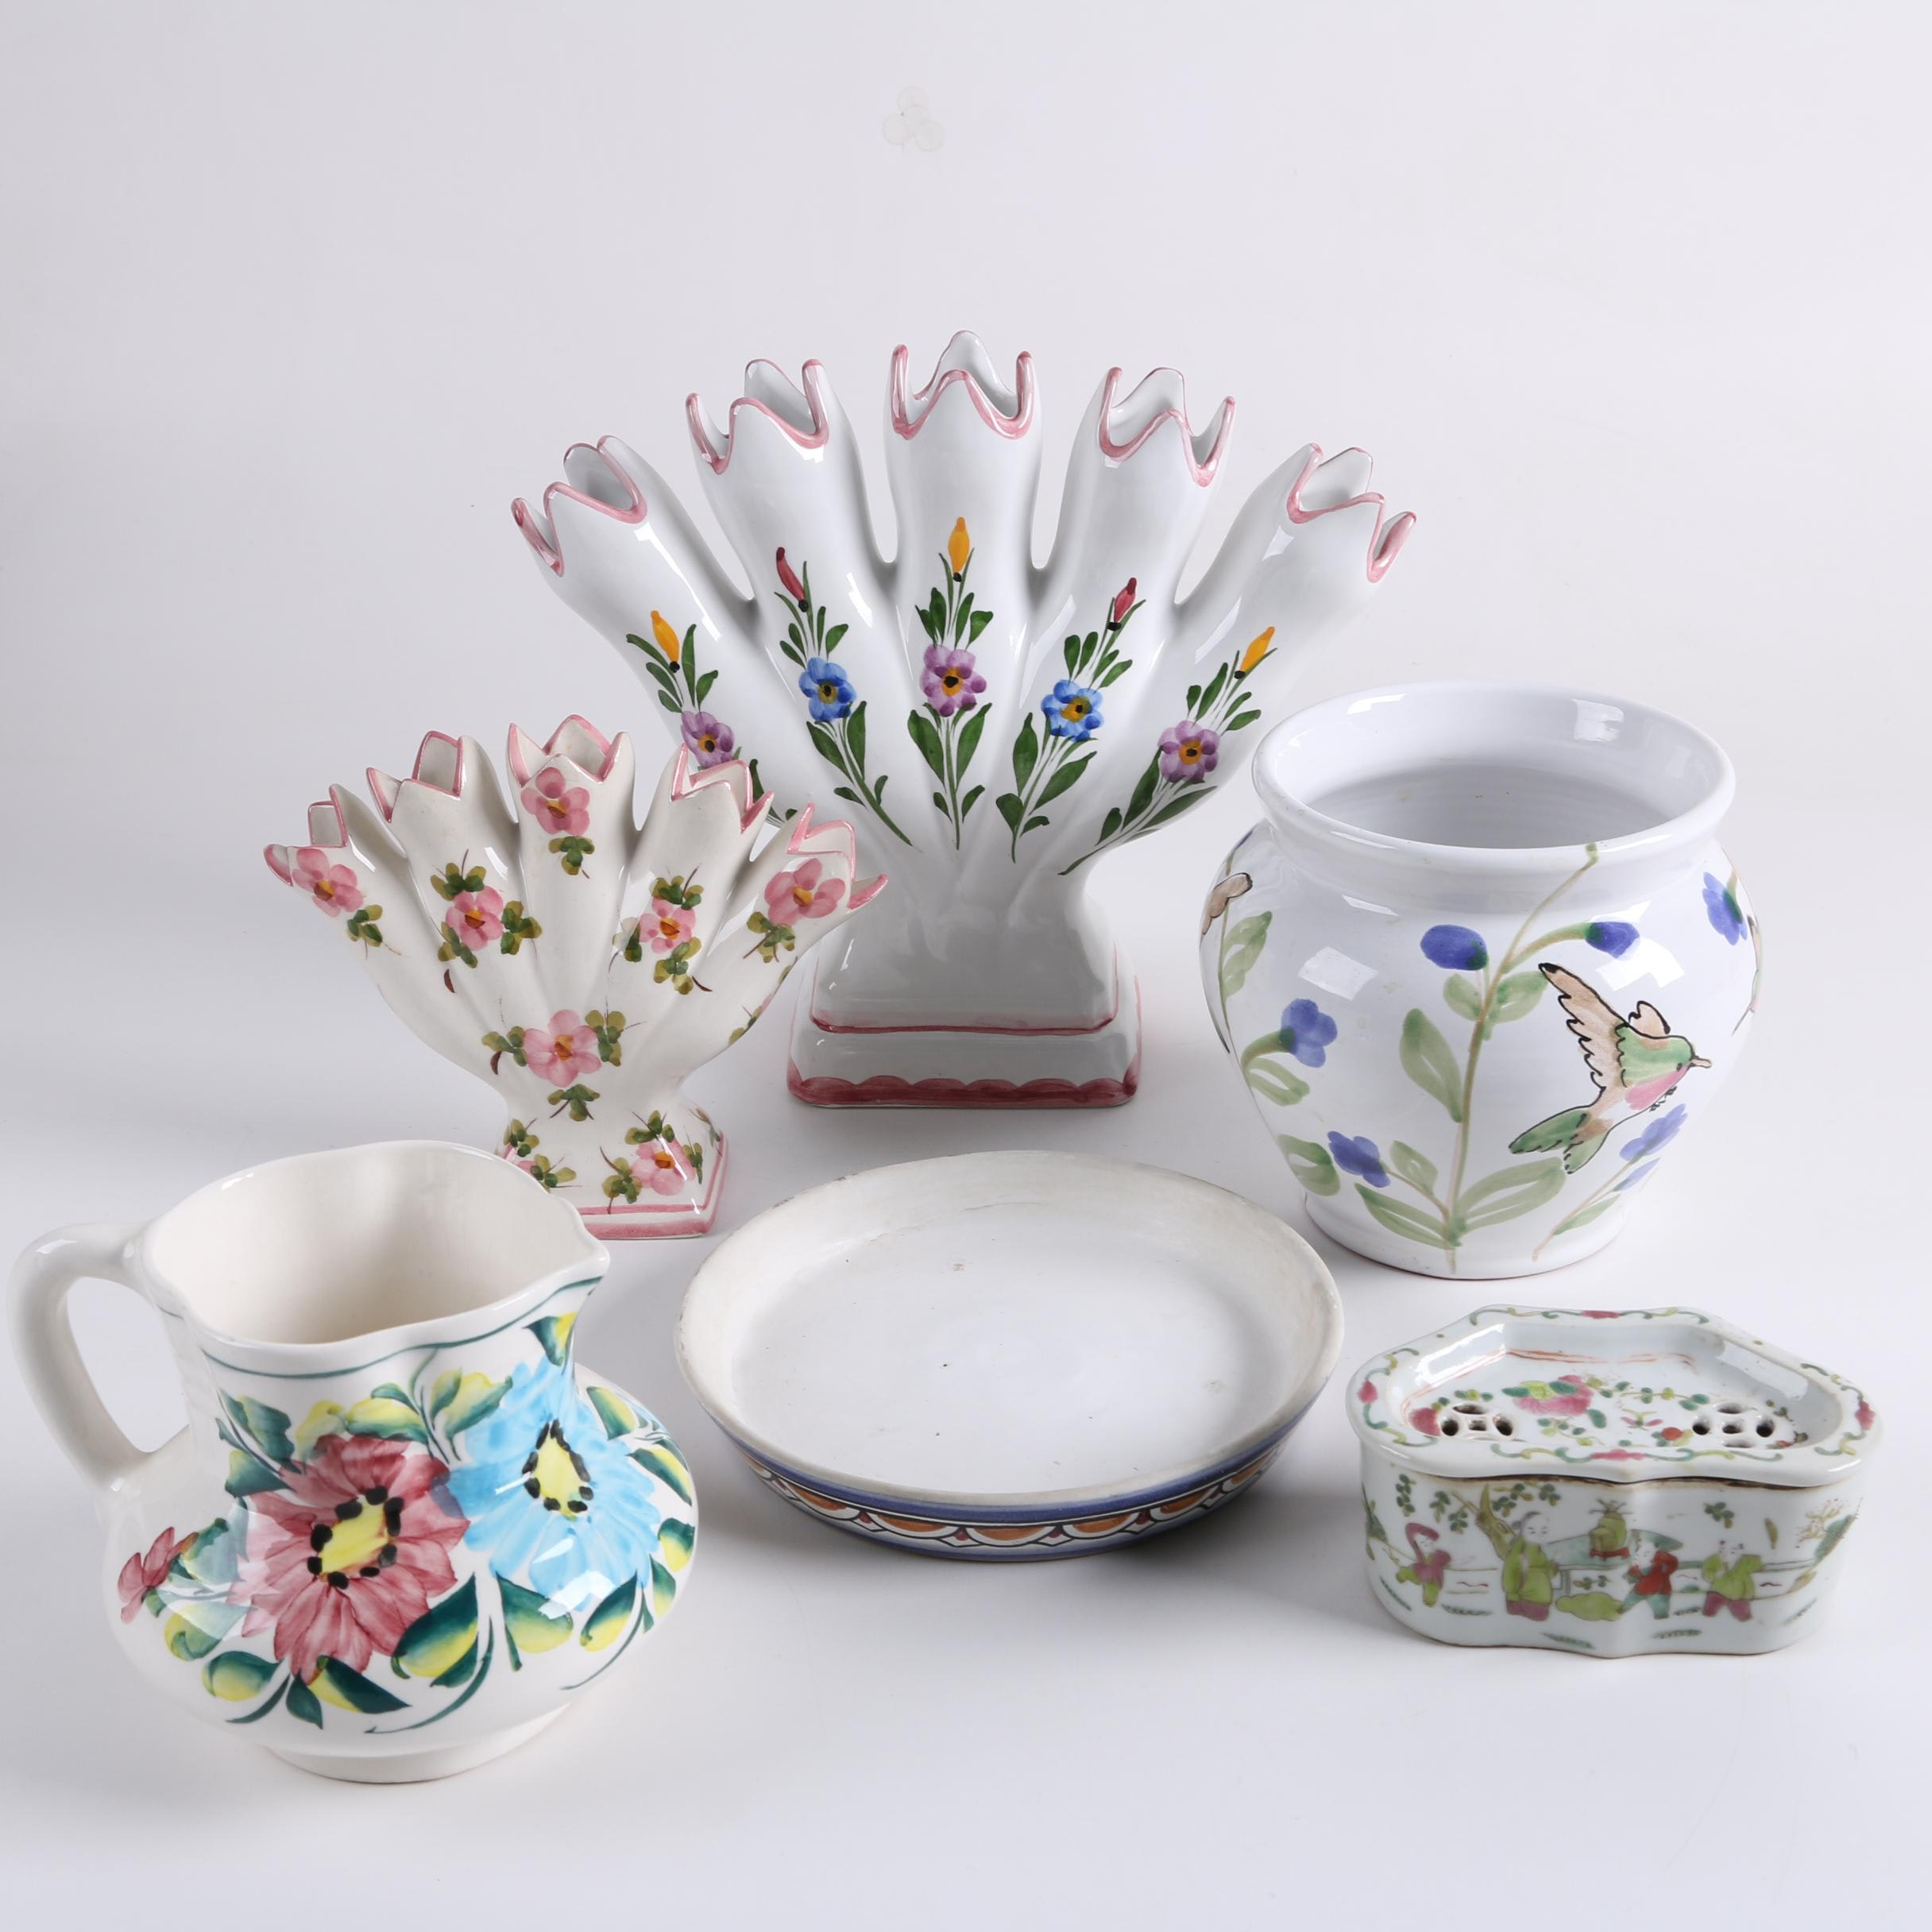 Vintage Ceramic Finger Vases, Bough Pot, and Tableware